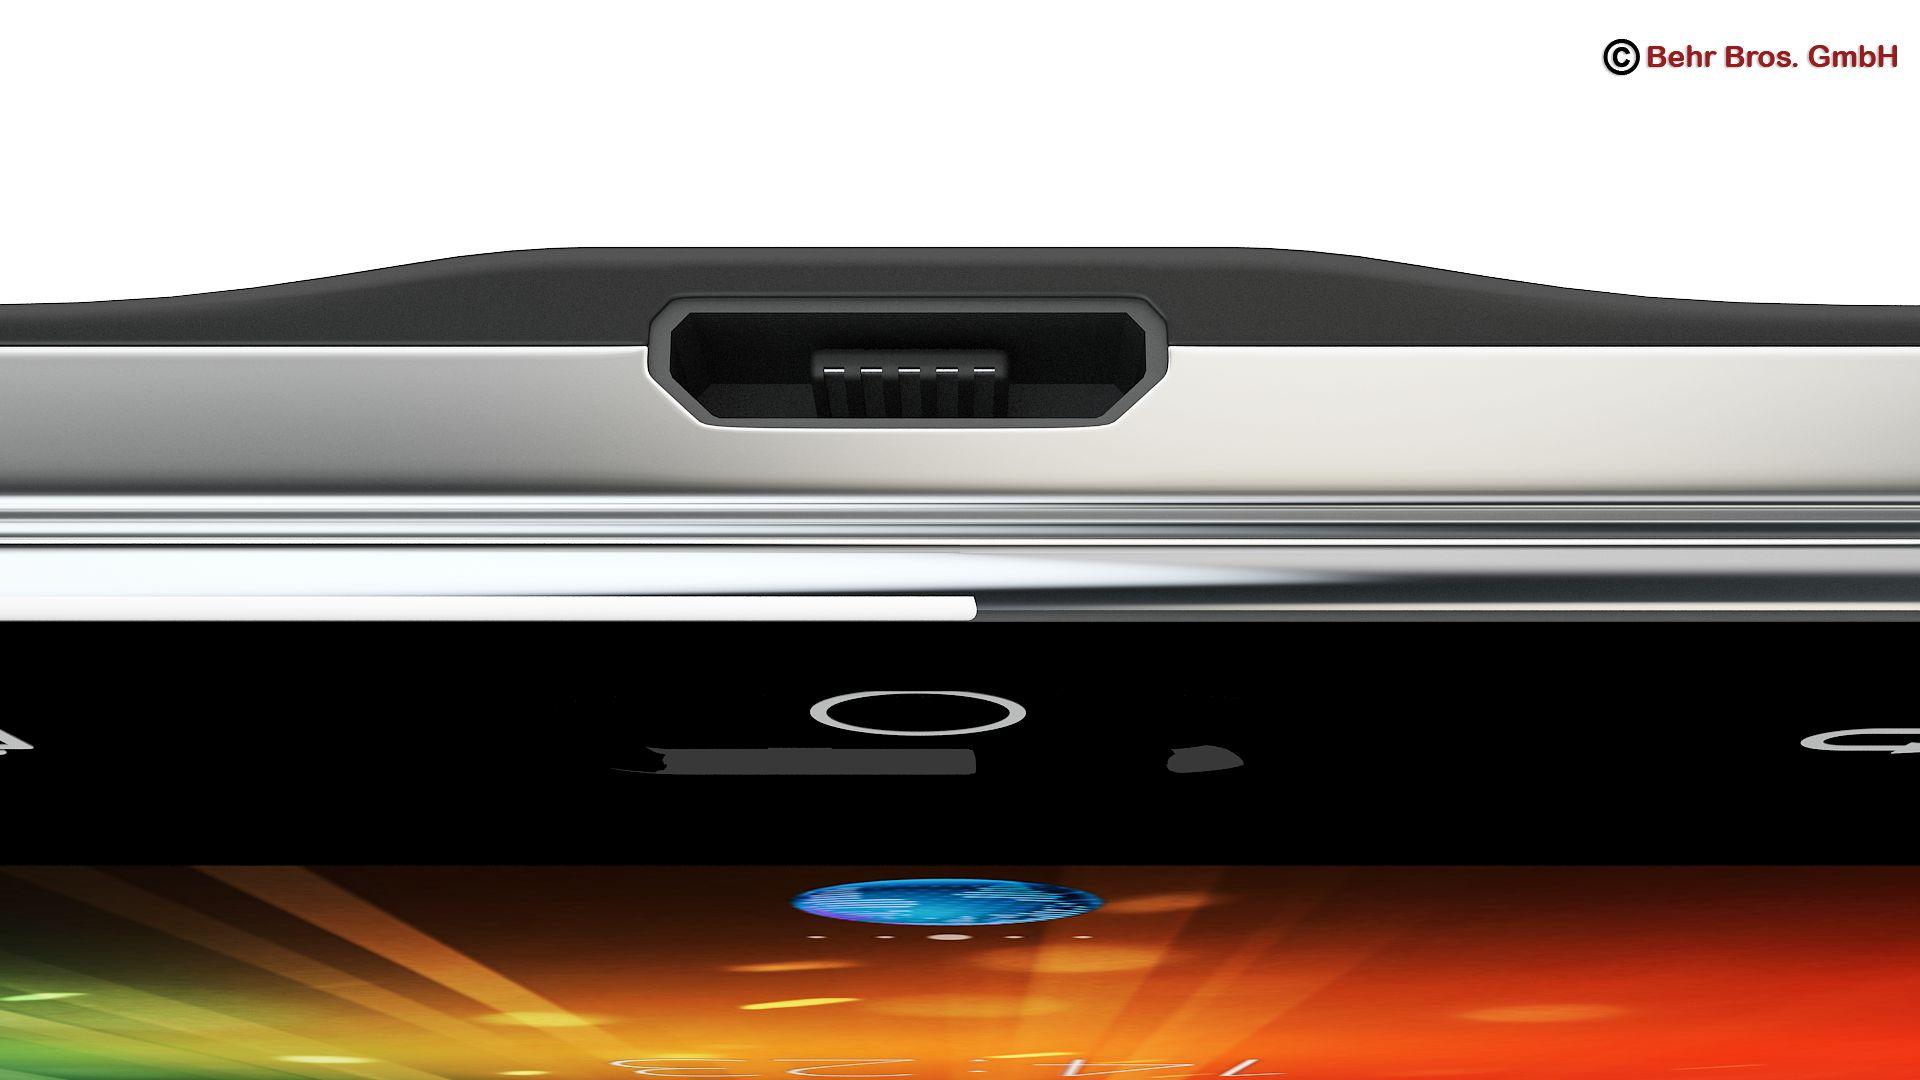 generic tablet 10.1 inch 3d model 3ds max fbx c4d lwo ma mb obj 162888